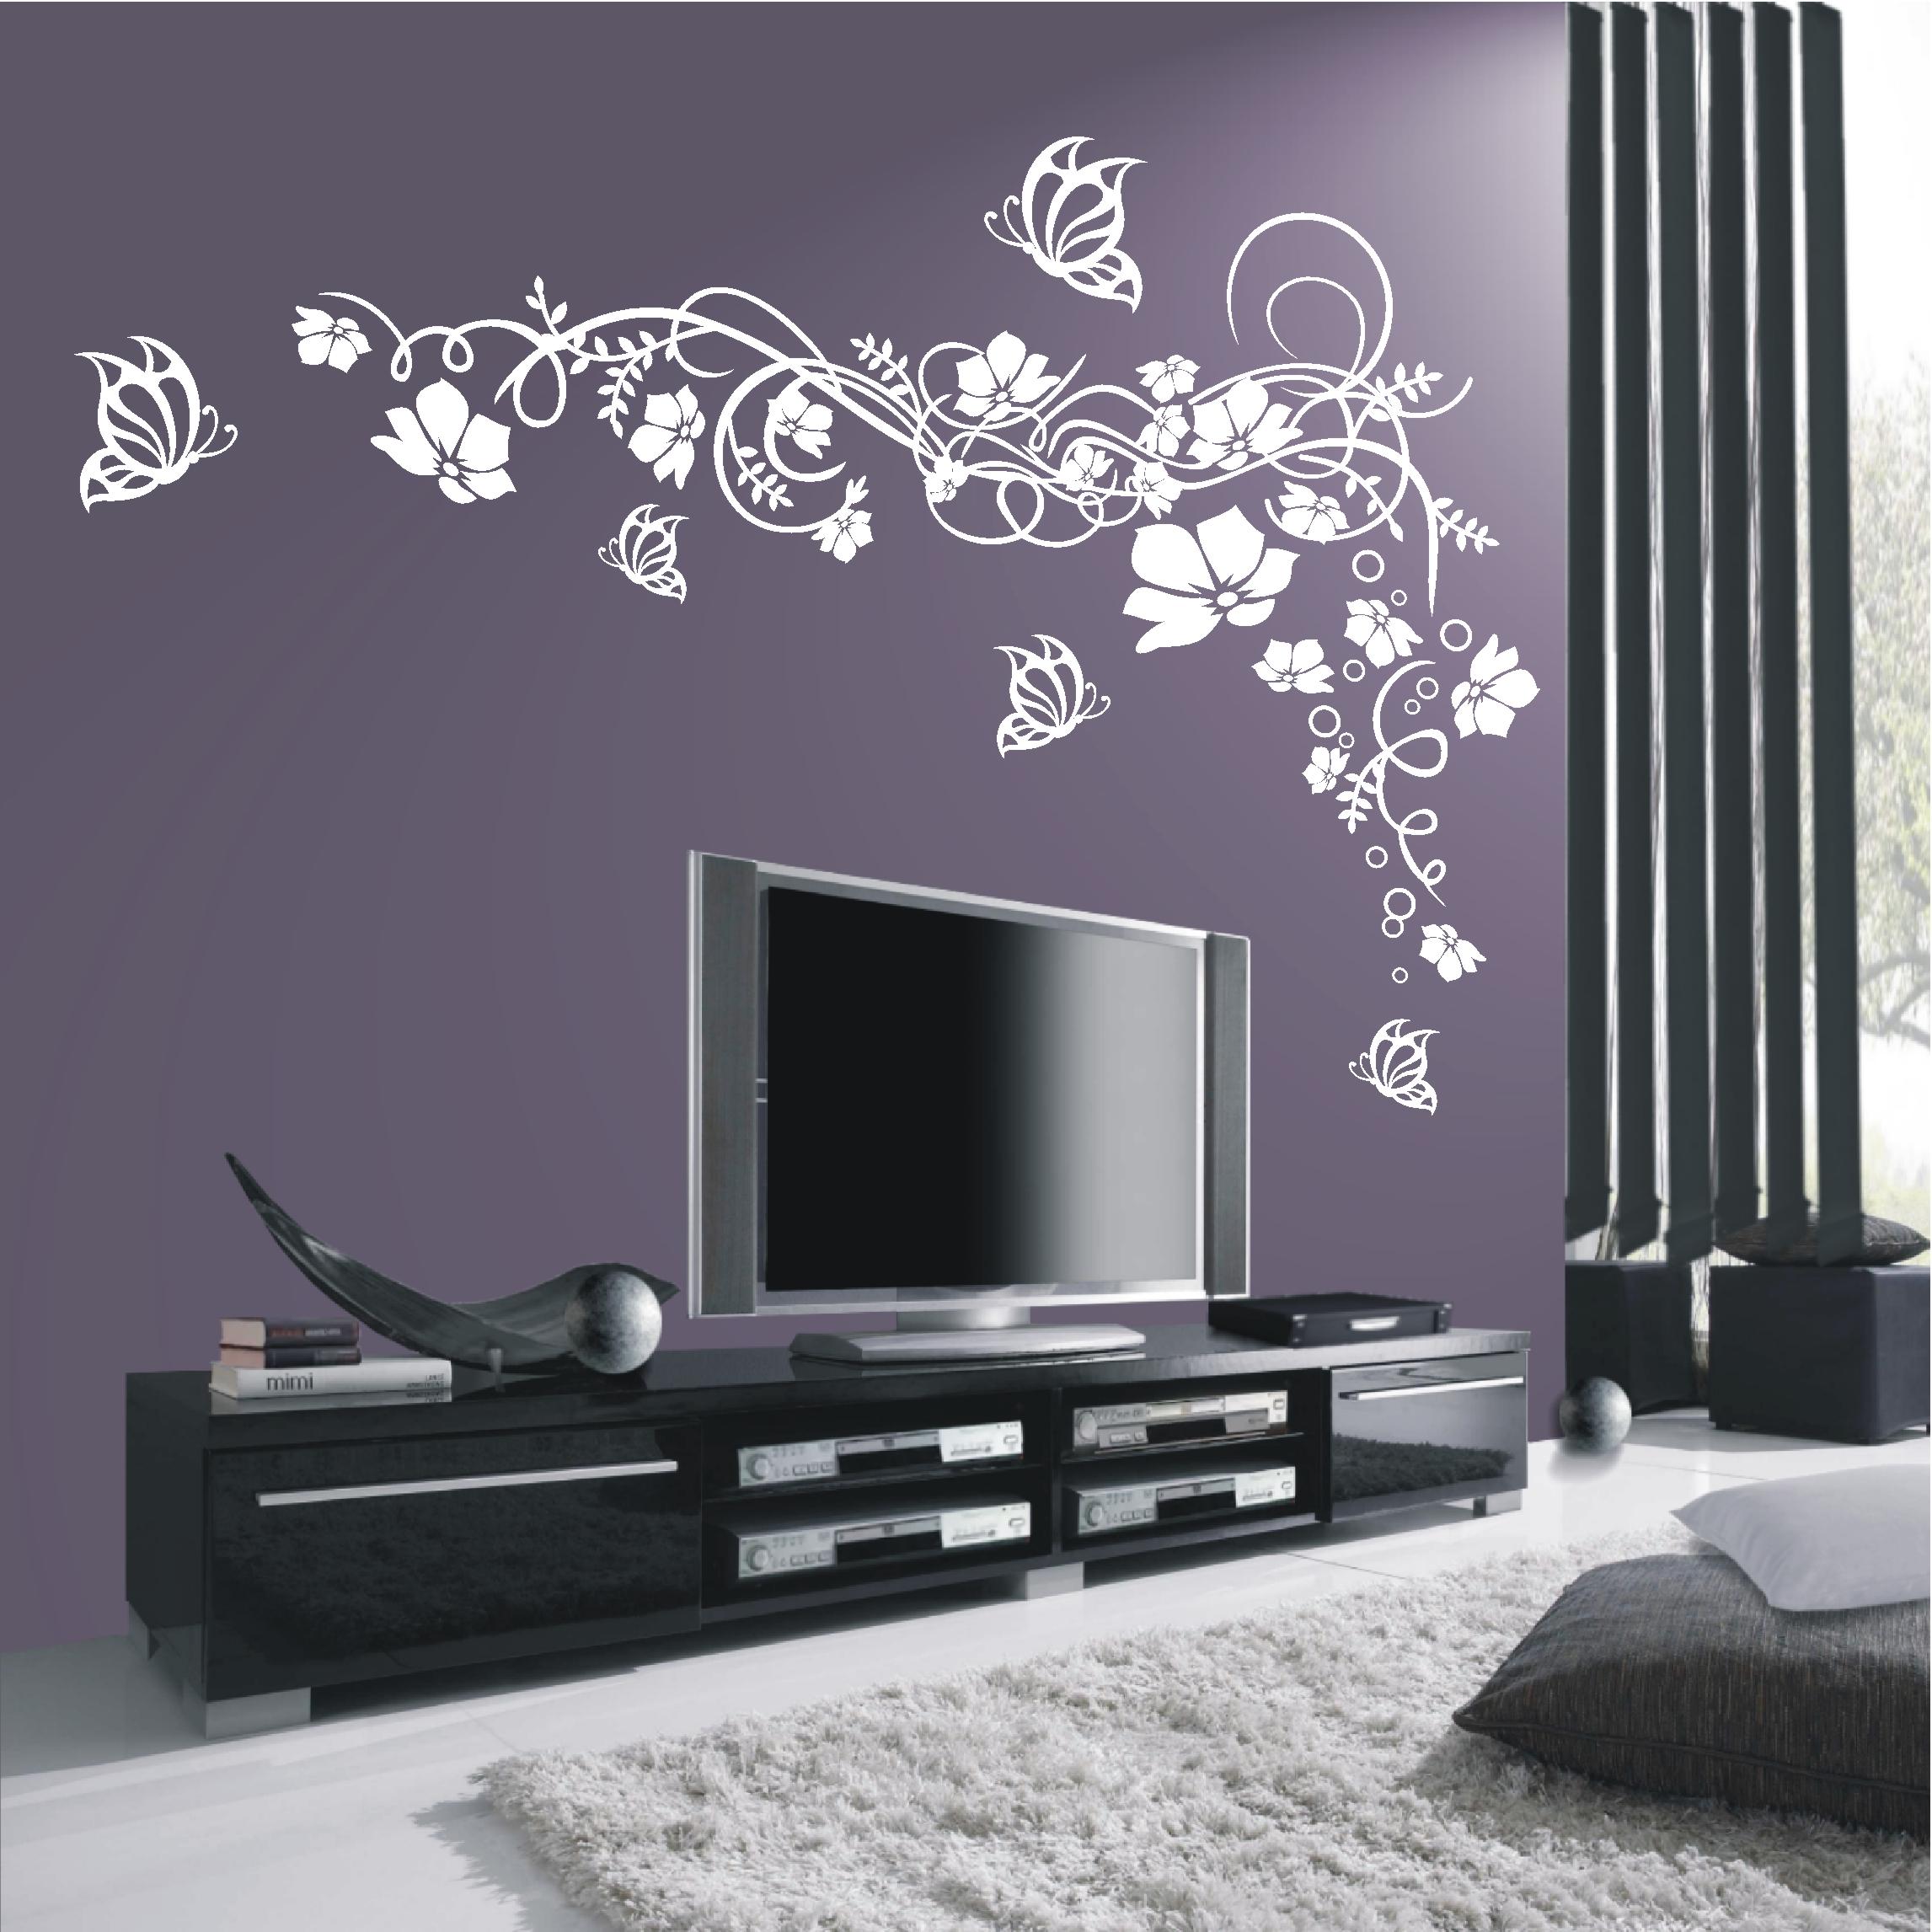 wohnzimmer deko auto. Black Bedroom Furniture Sets. Home Design Ideas